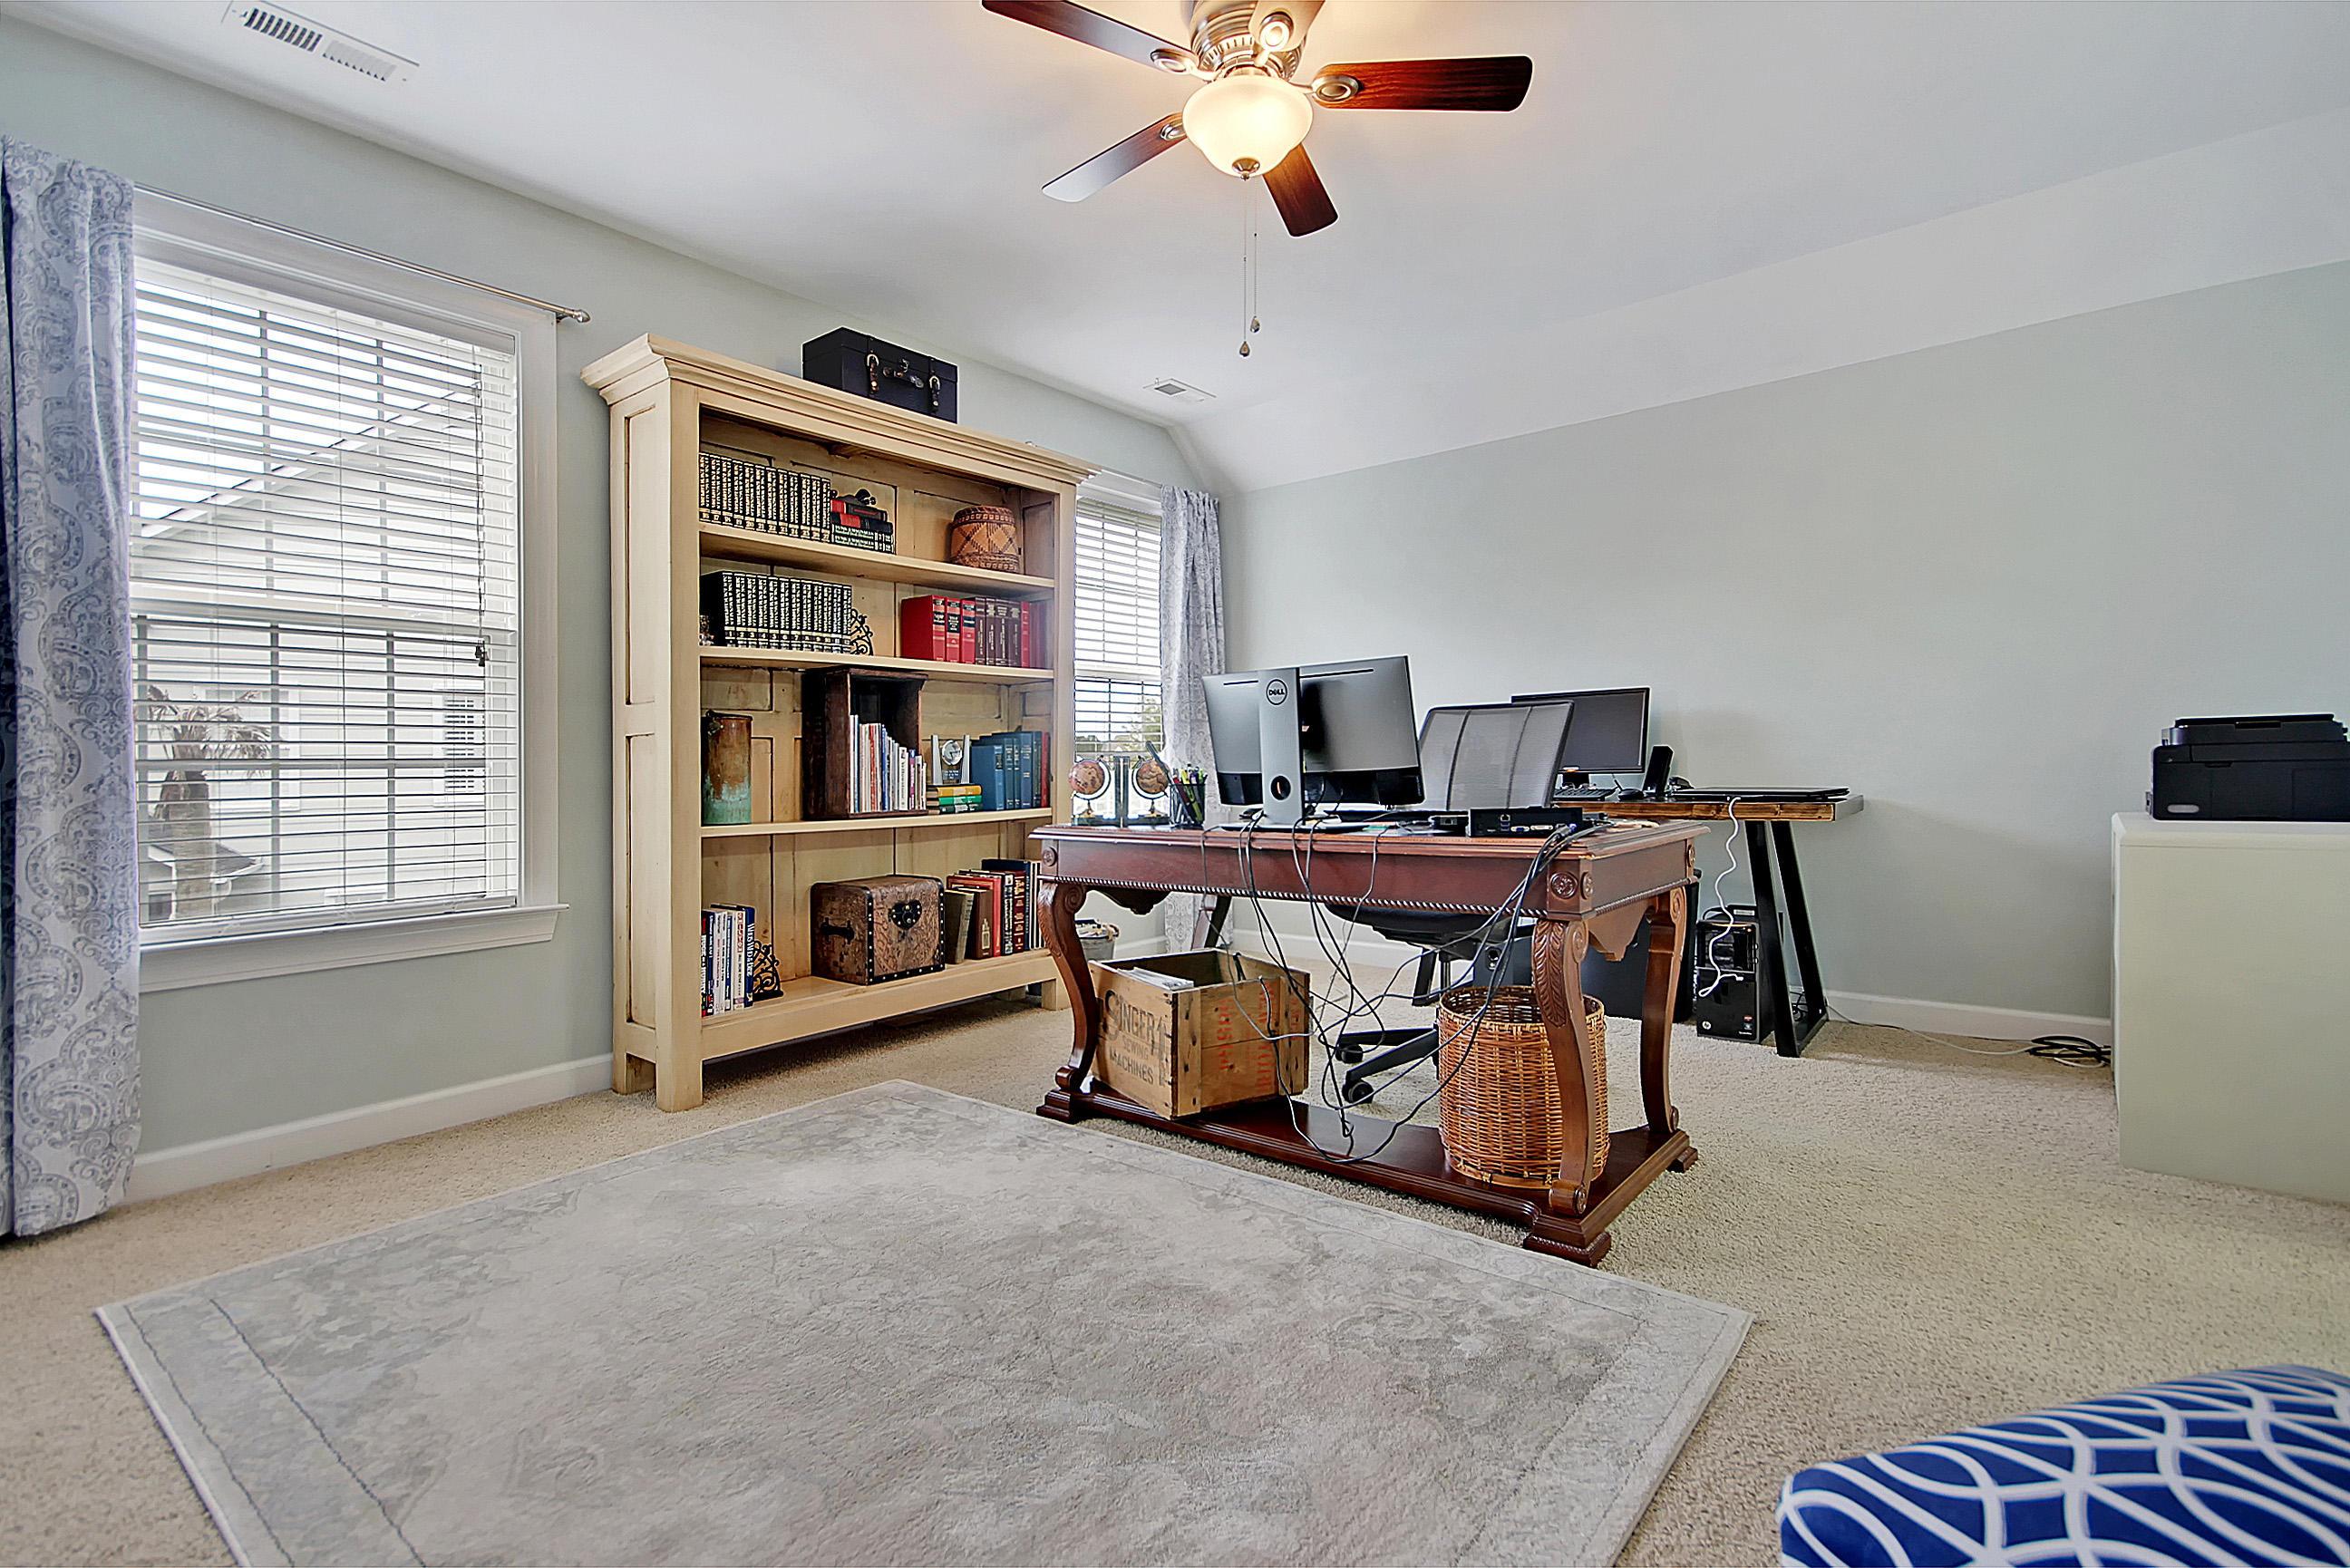 Dunes West Homes For Sale - 3056 Riverwood, Mount Pleasant, SC - 20